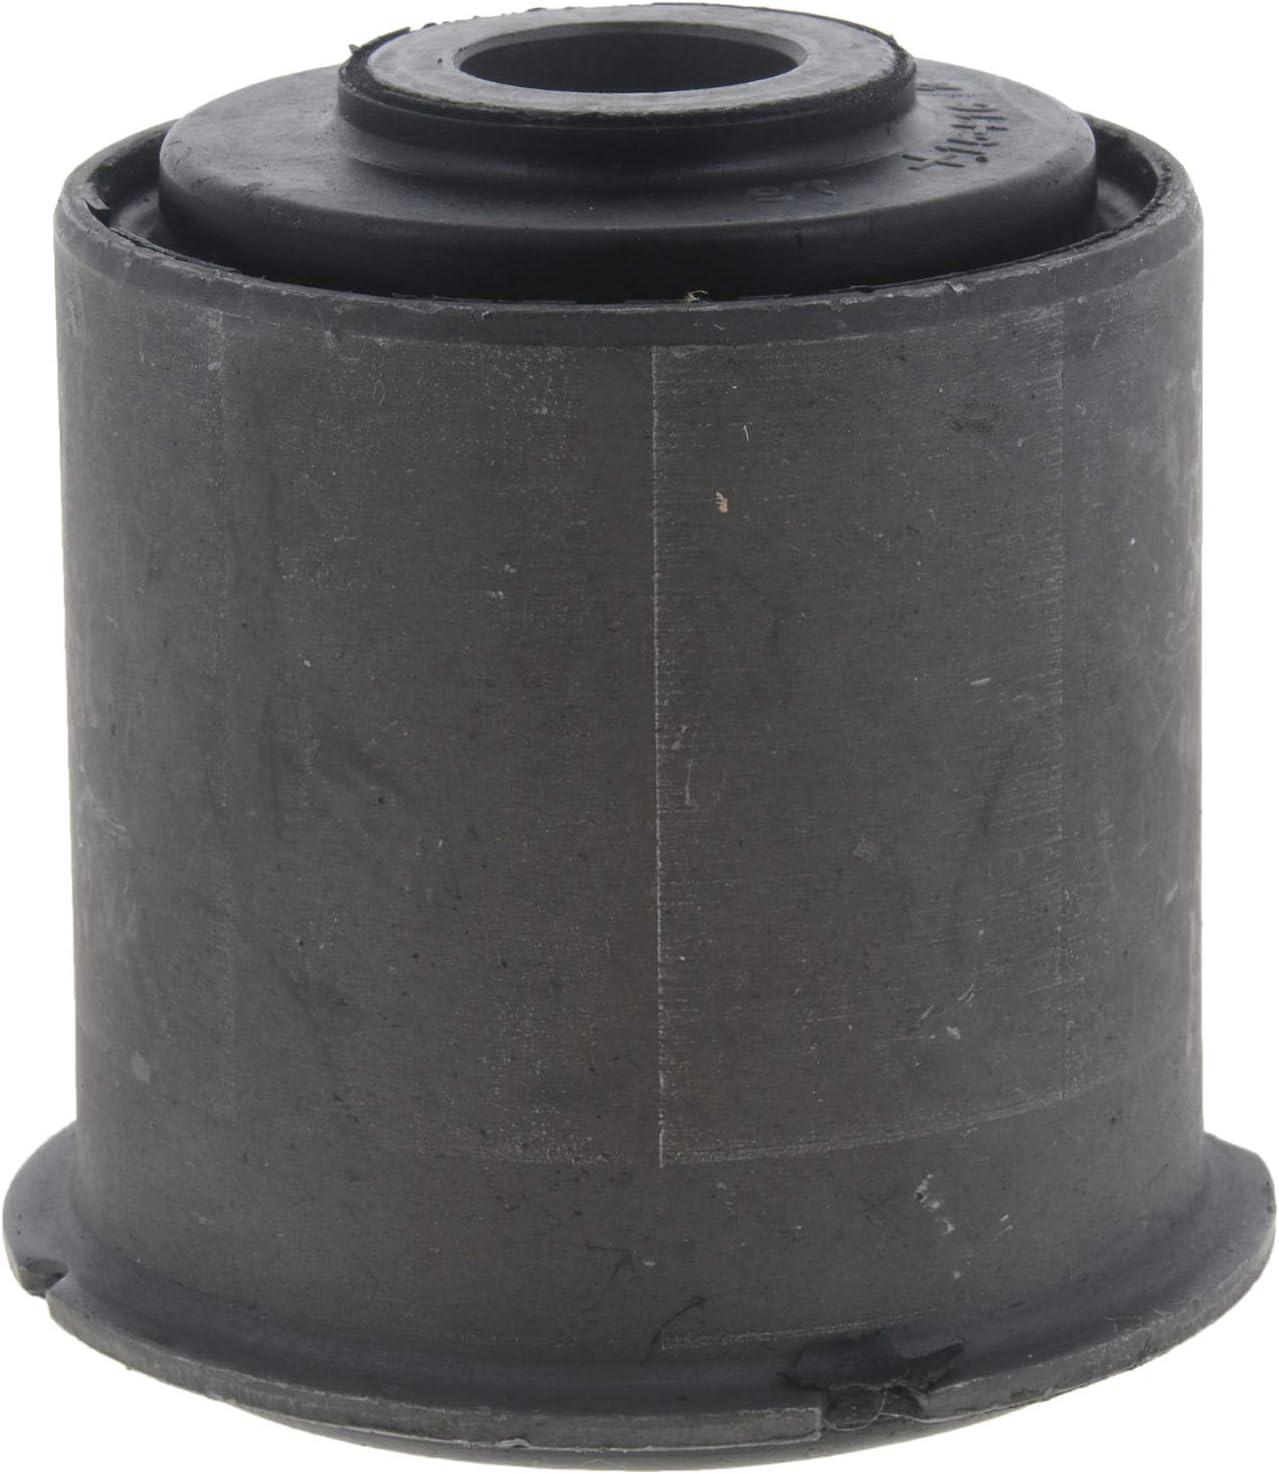 TRW JBU1684 Bushing Control Arm